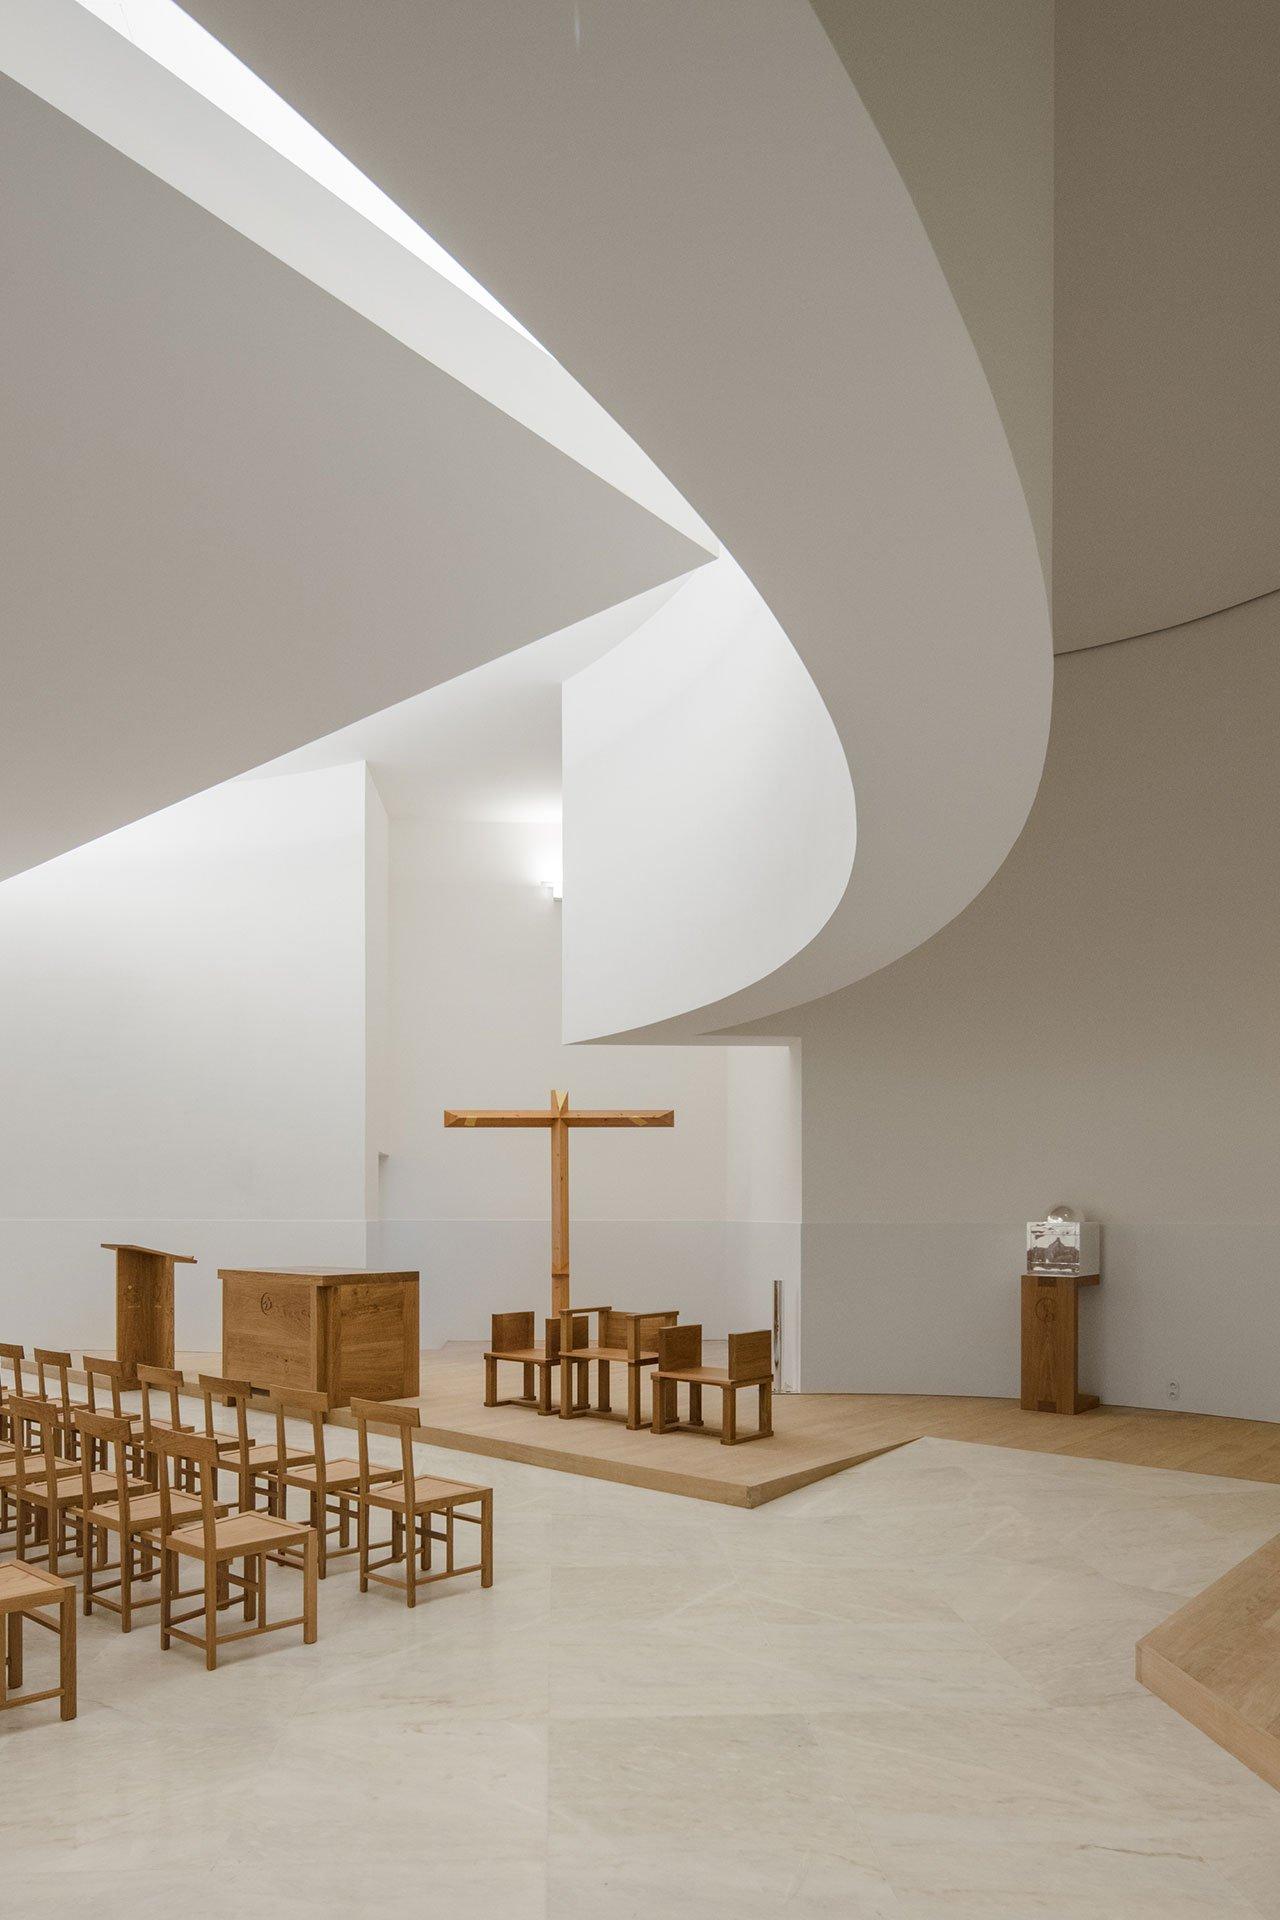 s5_church_of_saint_jacques_de_la_lande_rennes_france_alvaro_siza_vieira_dezainaa_3.jpg